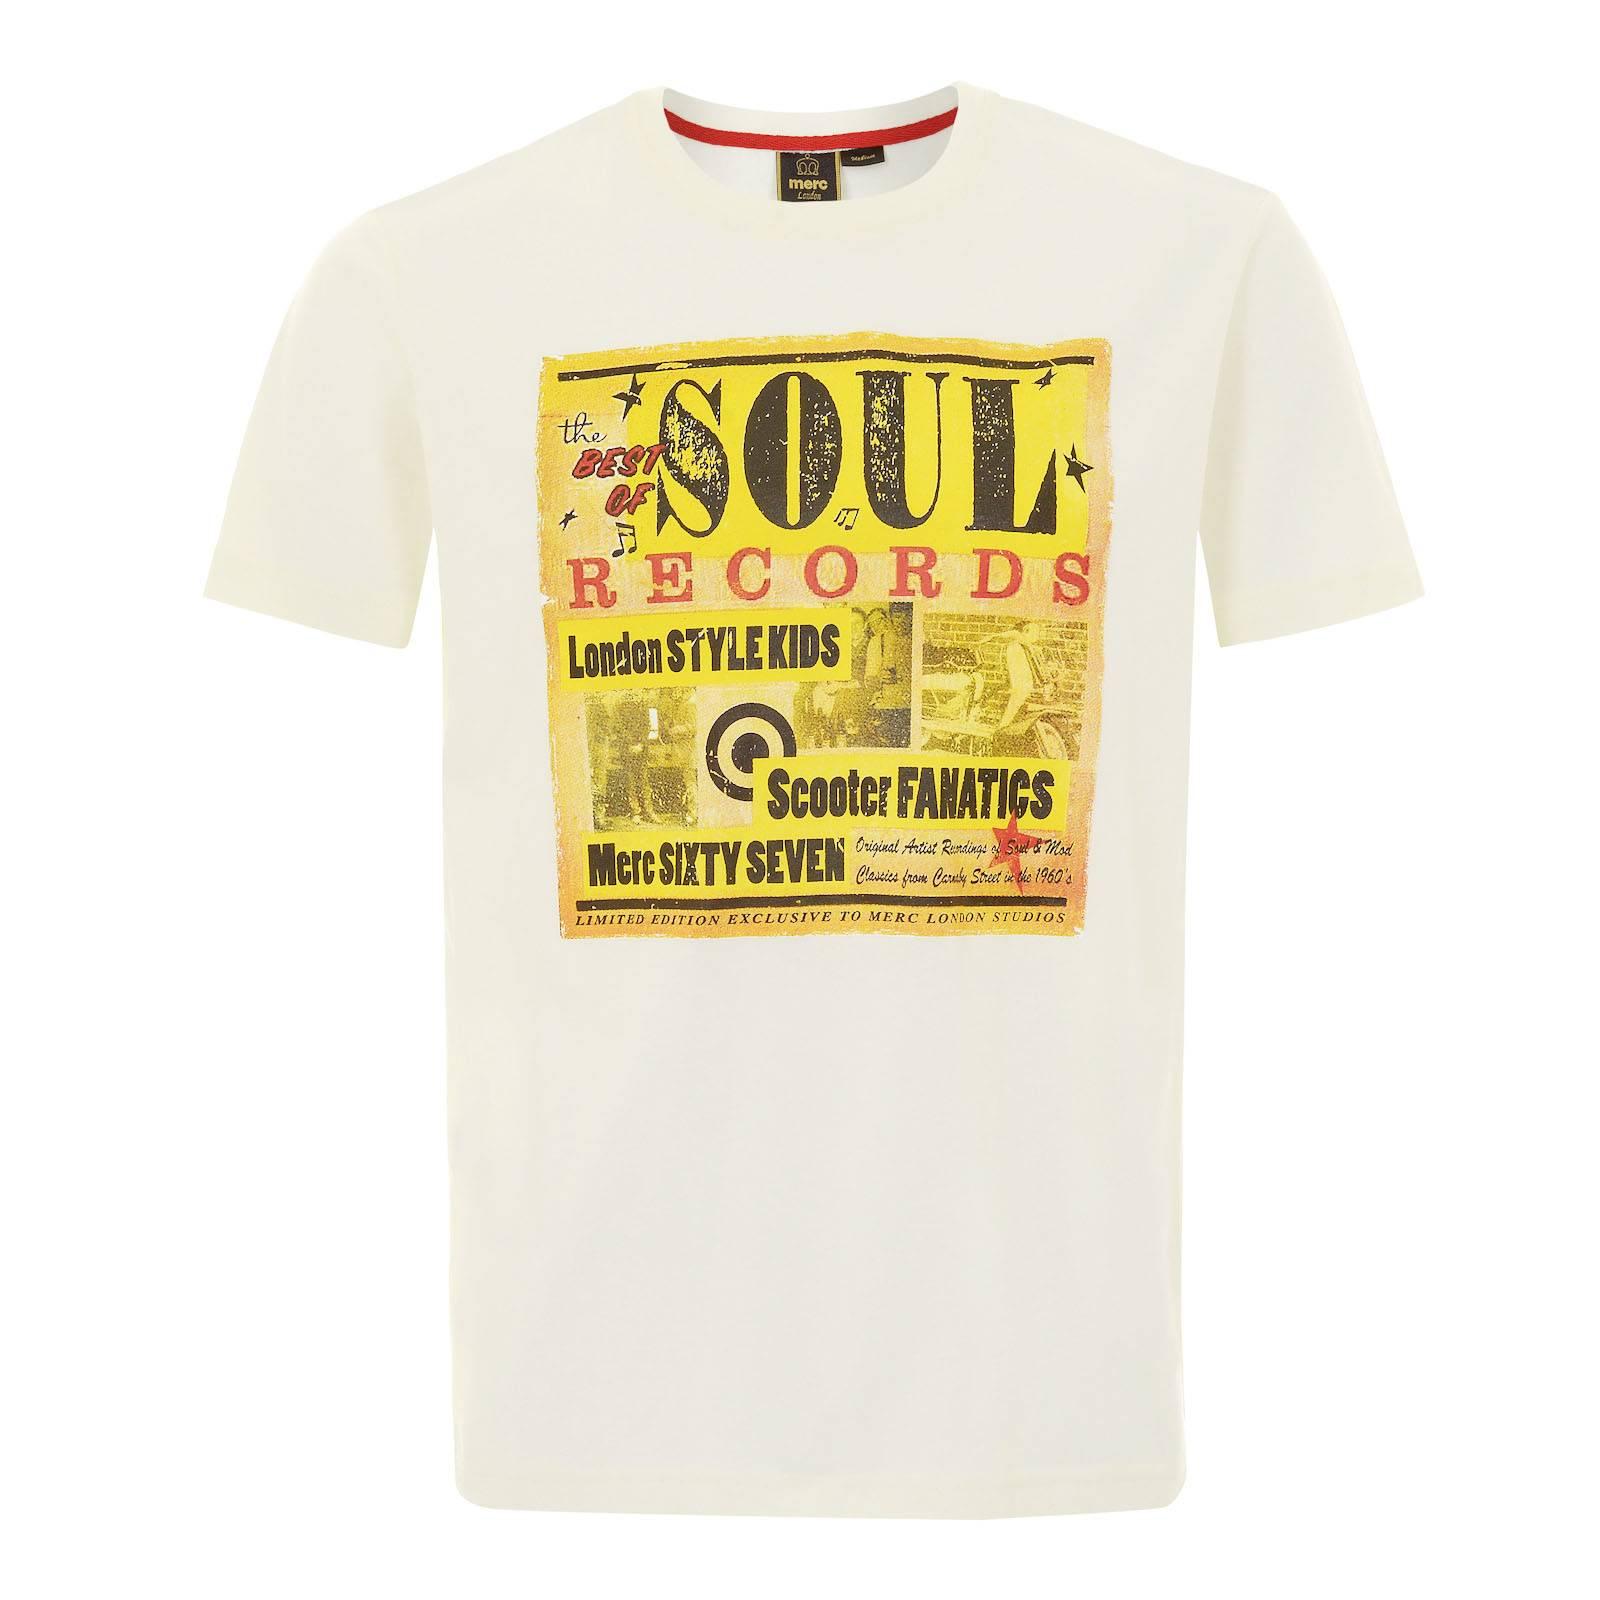 Футболка CaswellФутболки<br>Красивая мужская футболка из легкой хлопковой ткани с принтом винтажной обложки из-под винила с музыкой соул, популярной в среде британских модов эпохи Свингующих Шестидесятых. Отличный вариант для неформального летнего гардероба в паре с шортами и кроссовками.<br><br>Артикул: 1715109<br>Материал: 100% хлопок<br>Цвет: винтажный белый<br>Пол: Мужской